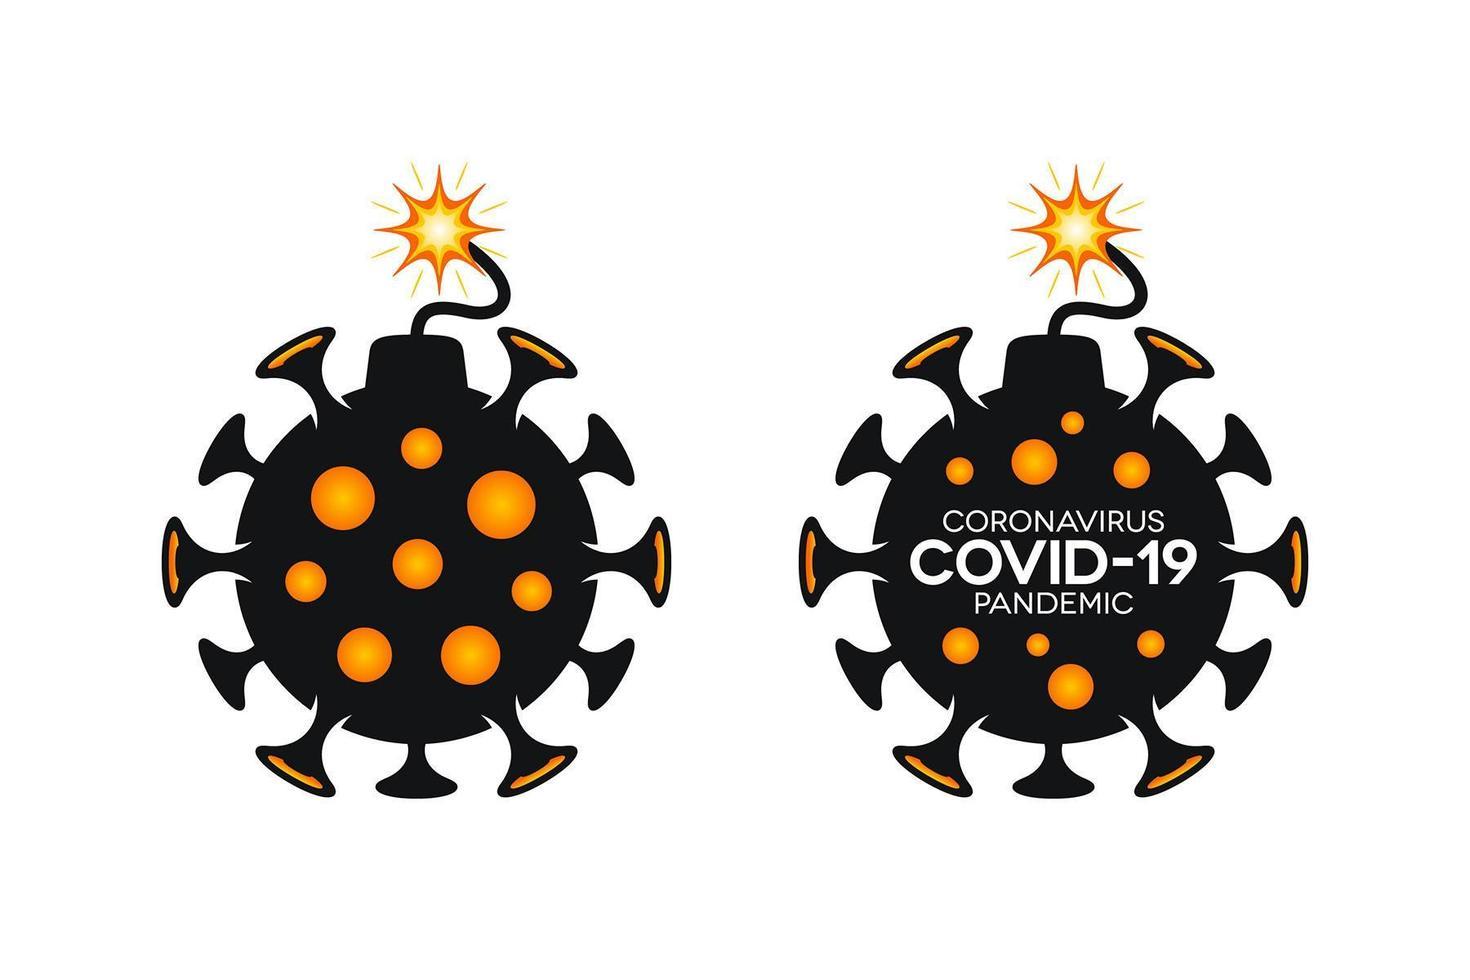 bomvormig coronavirus covid-19 iconen vector